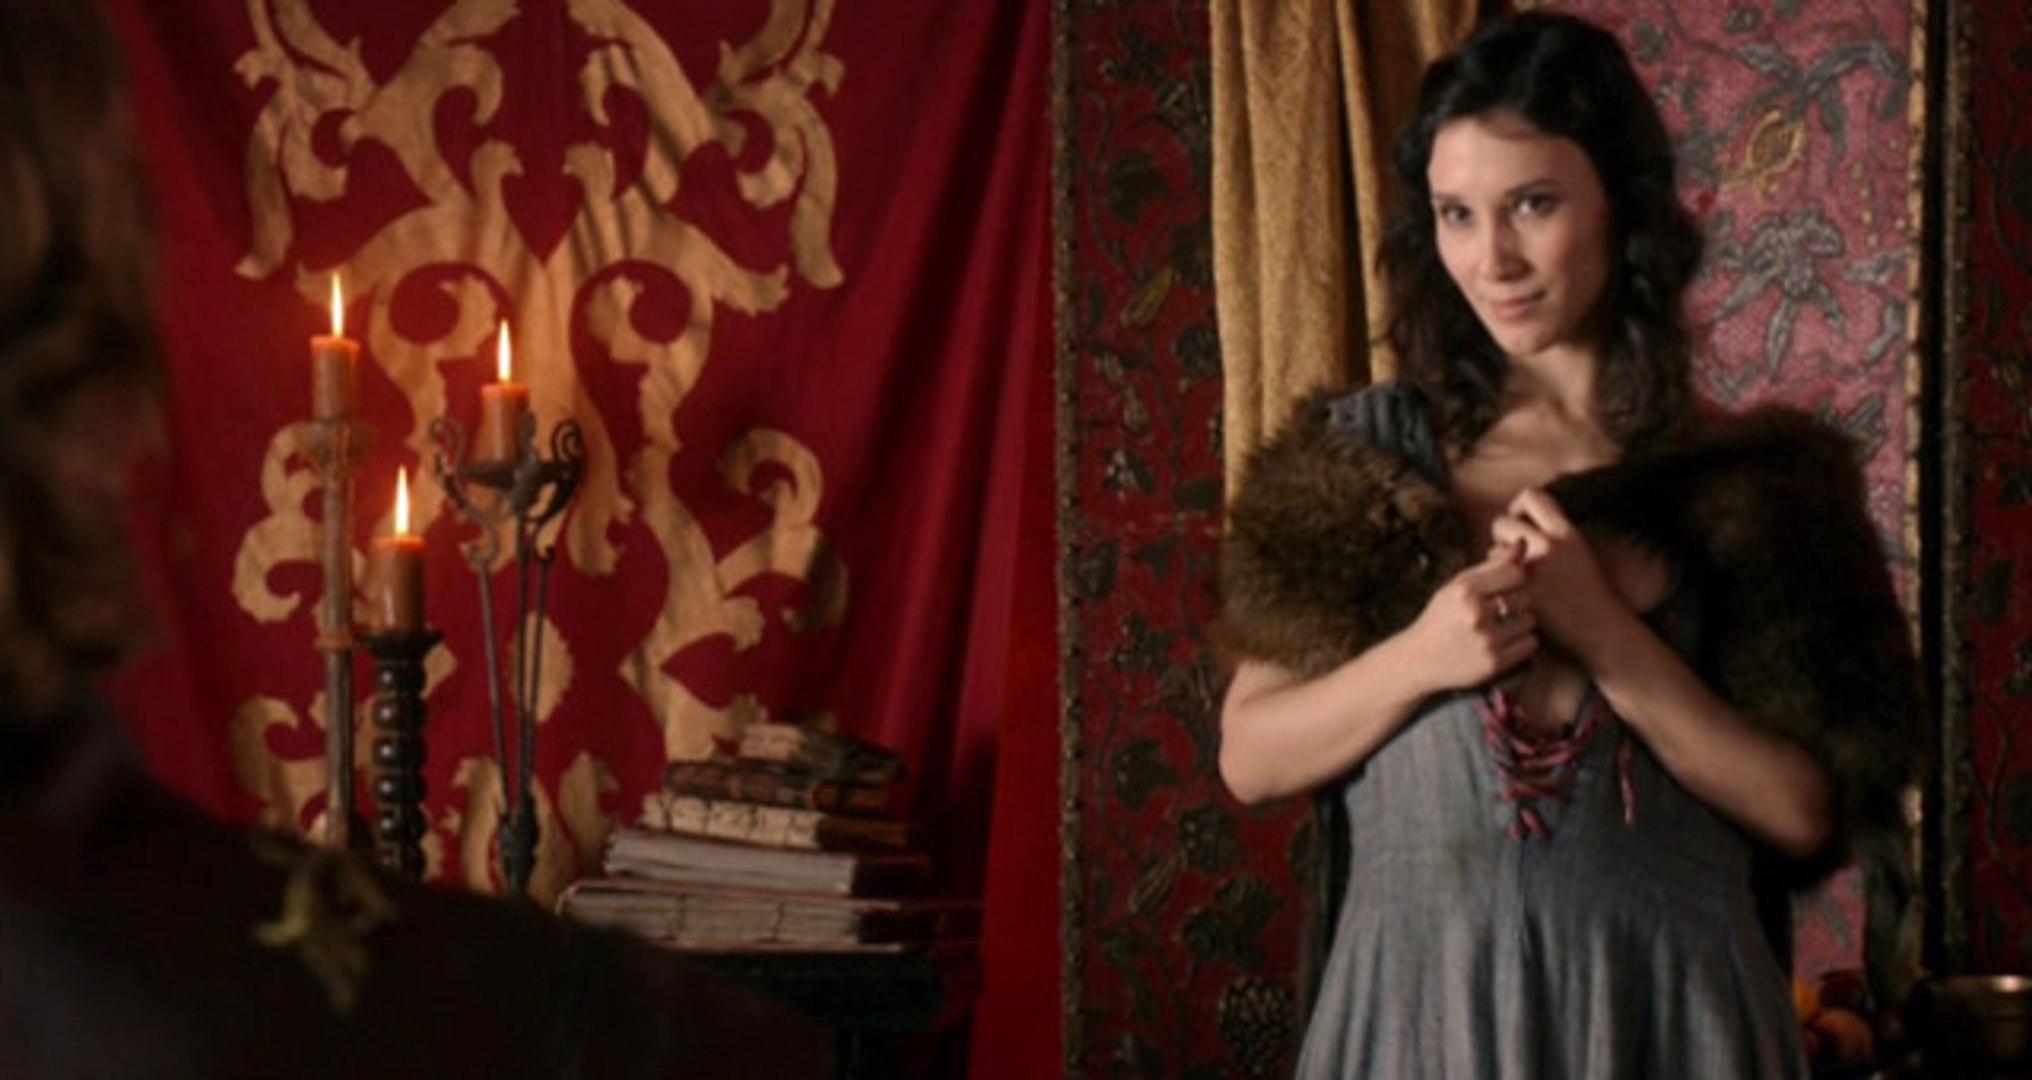 Game of Thrones'un Oyuncusu Sibel Kekilli: Türk Takipçilerimden Ölüm Tehdidi Alıyorum